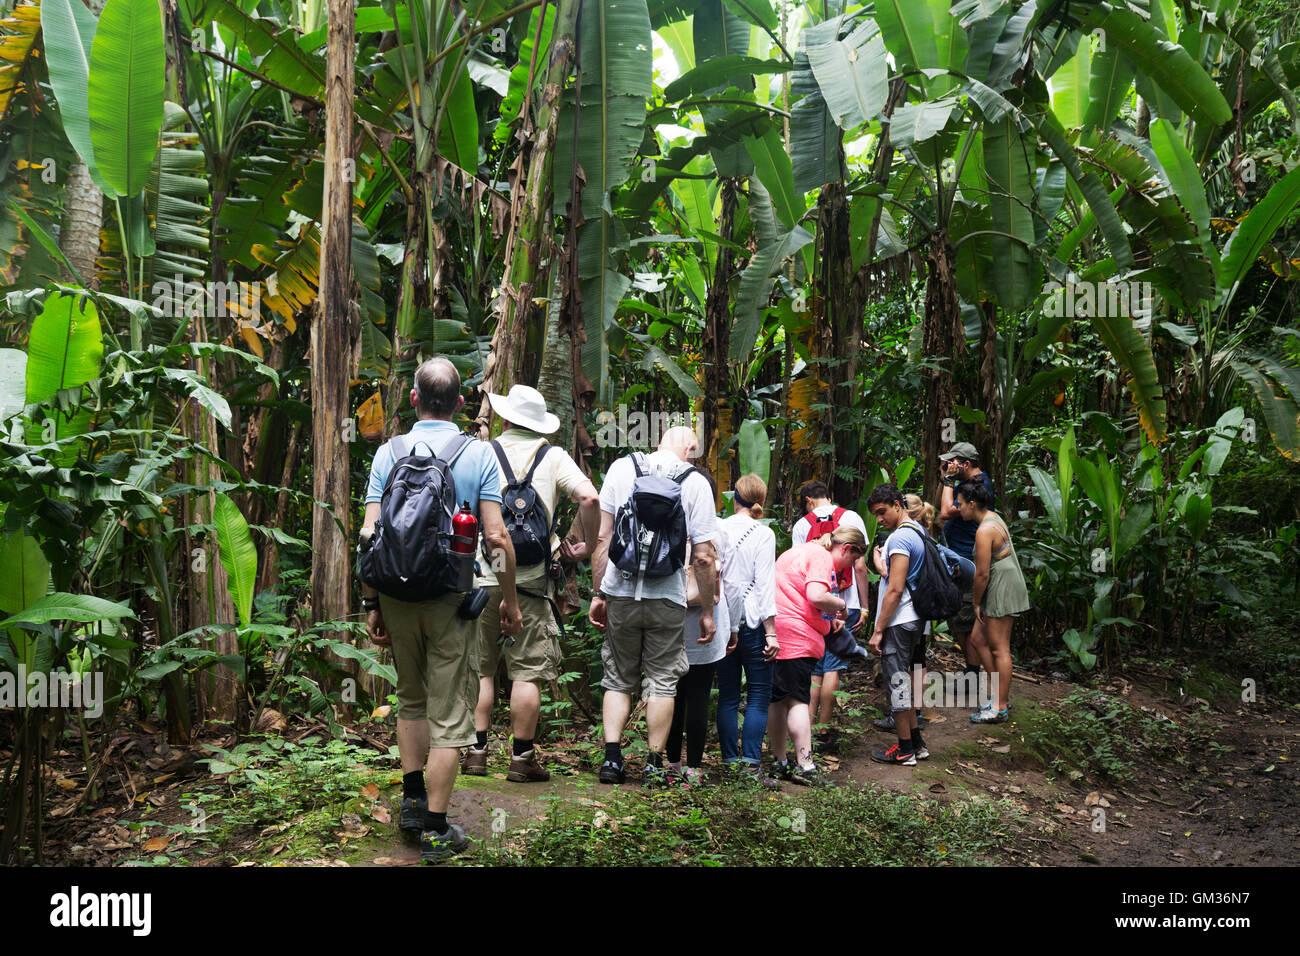 Les touristes sur une visite guidée dans la forêt tropicale du Costa Rica, le Parque Hotel, Costa Rica, Photo Stock